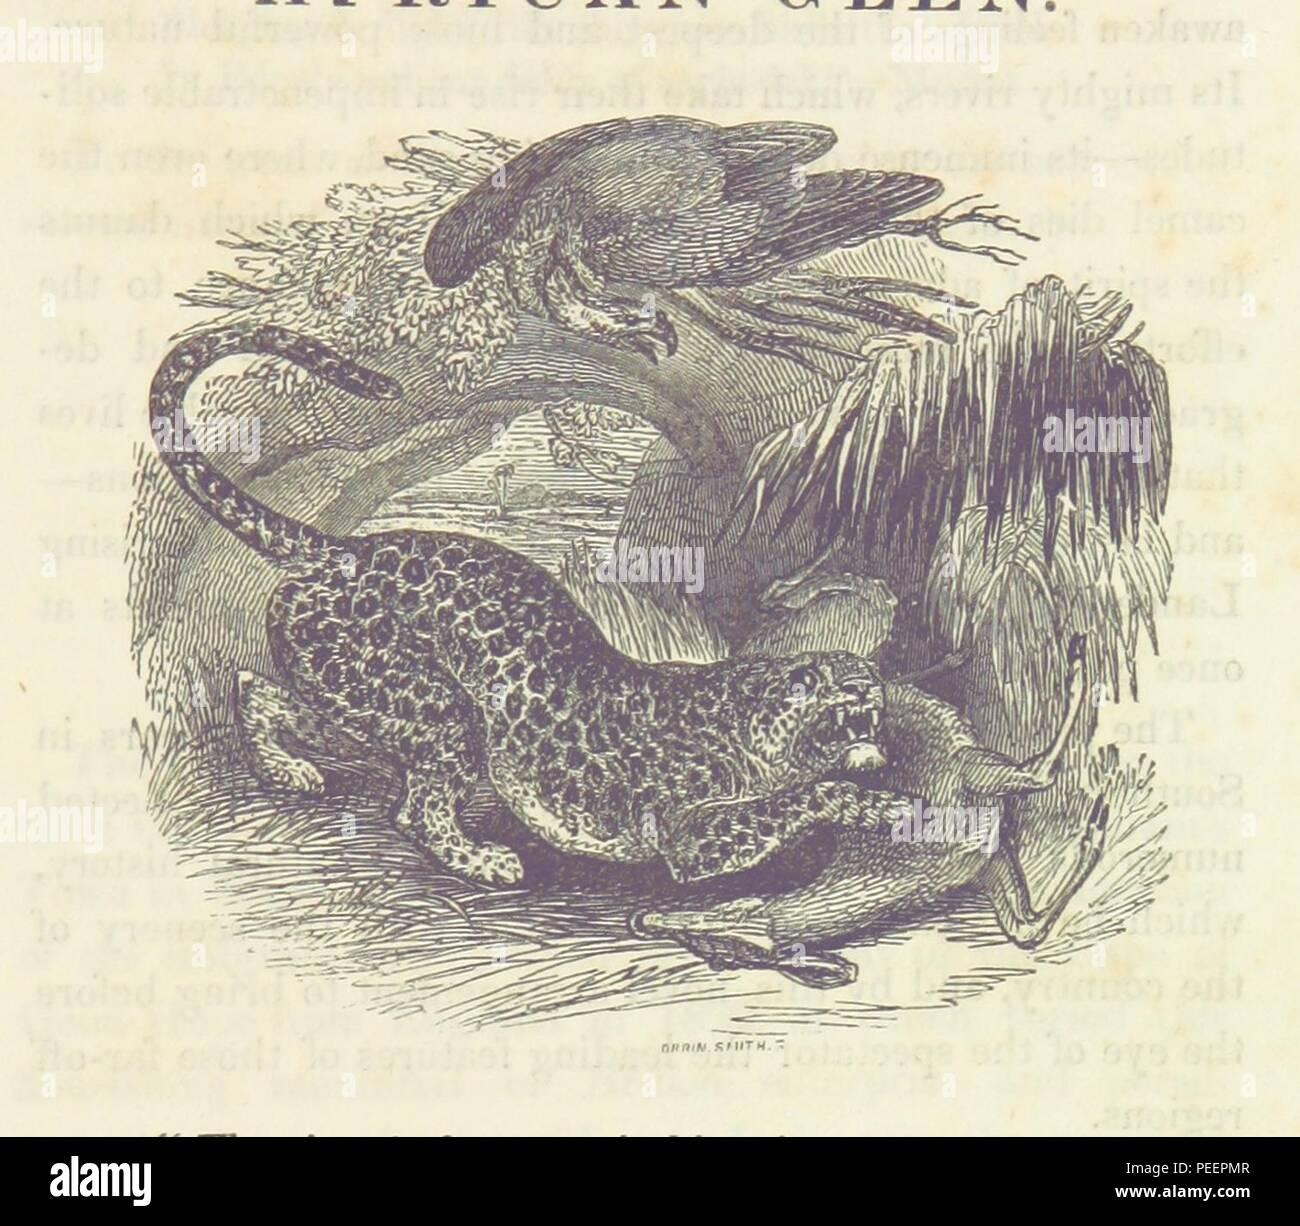 """Bild von Seite 9 des """"Afrikanischen Glen, Kolosseum, Regent's Park. Eine Beschreibung der Blick ... und ... Panoramablick Malerei ... zusammen mit einer umfangreichen Sammlung von ... Exemplare der natürlichen Geschichte... Zwölfte Ausgabe 'b_0058. Stockbild"""